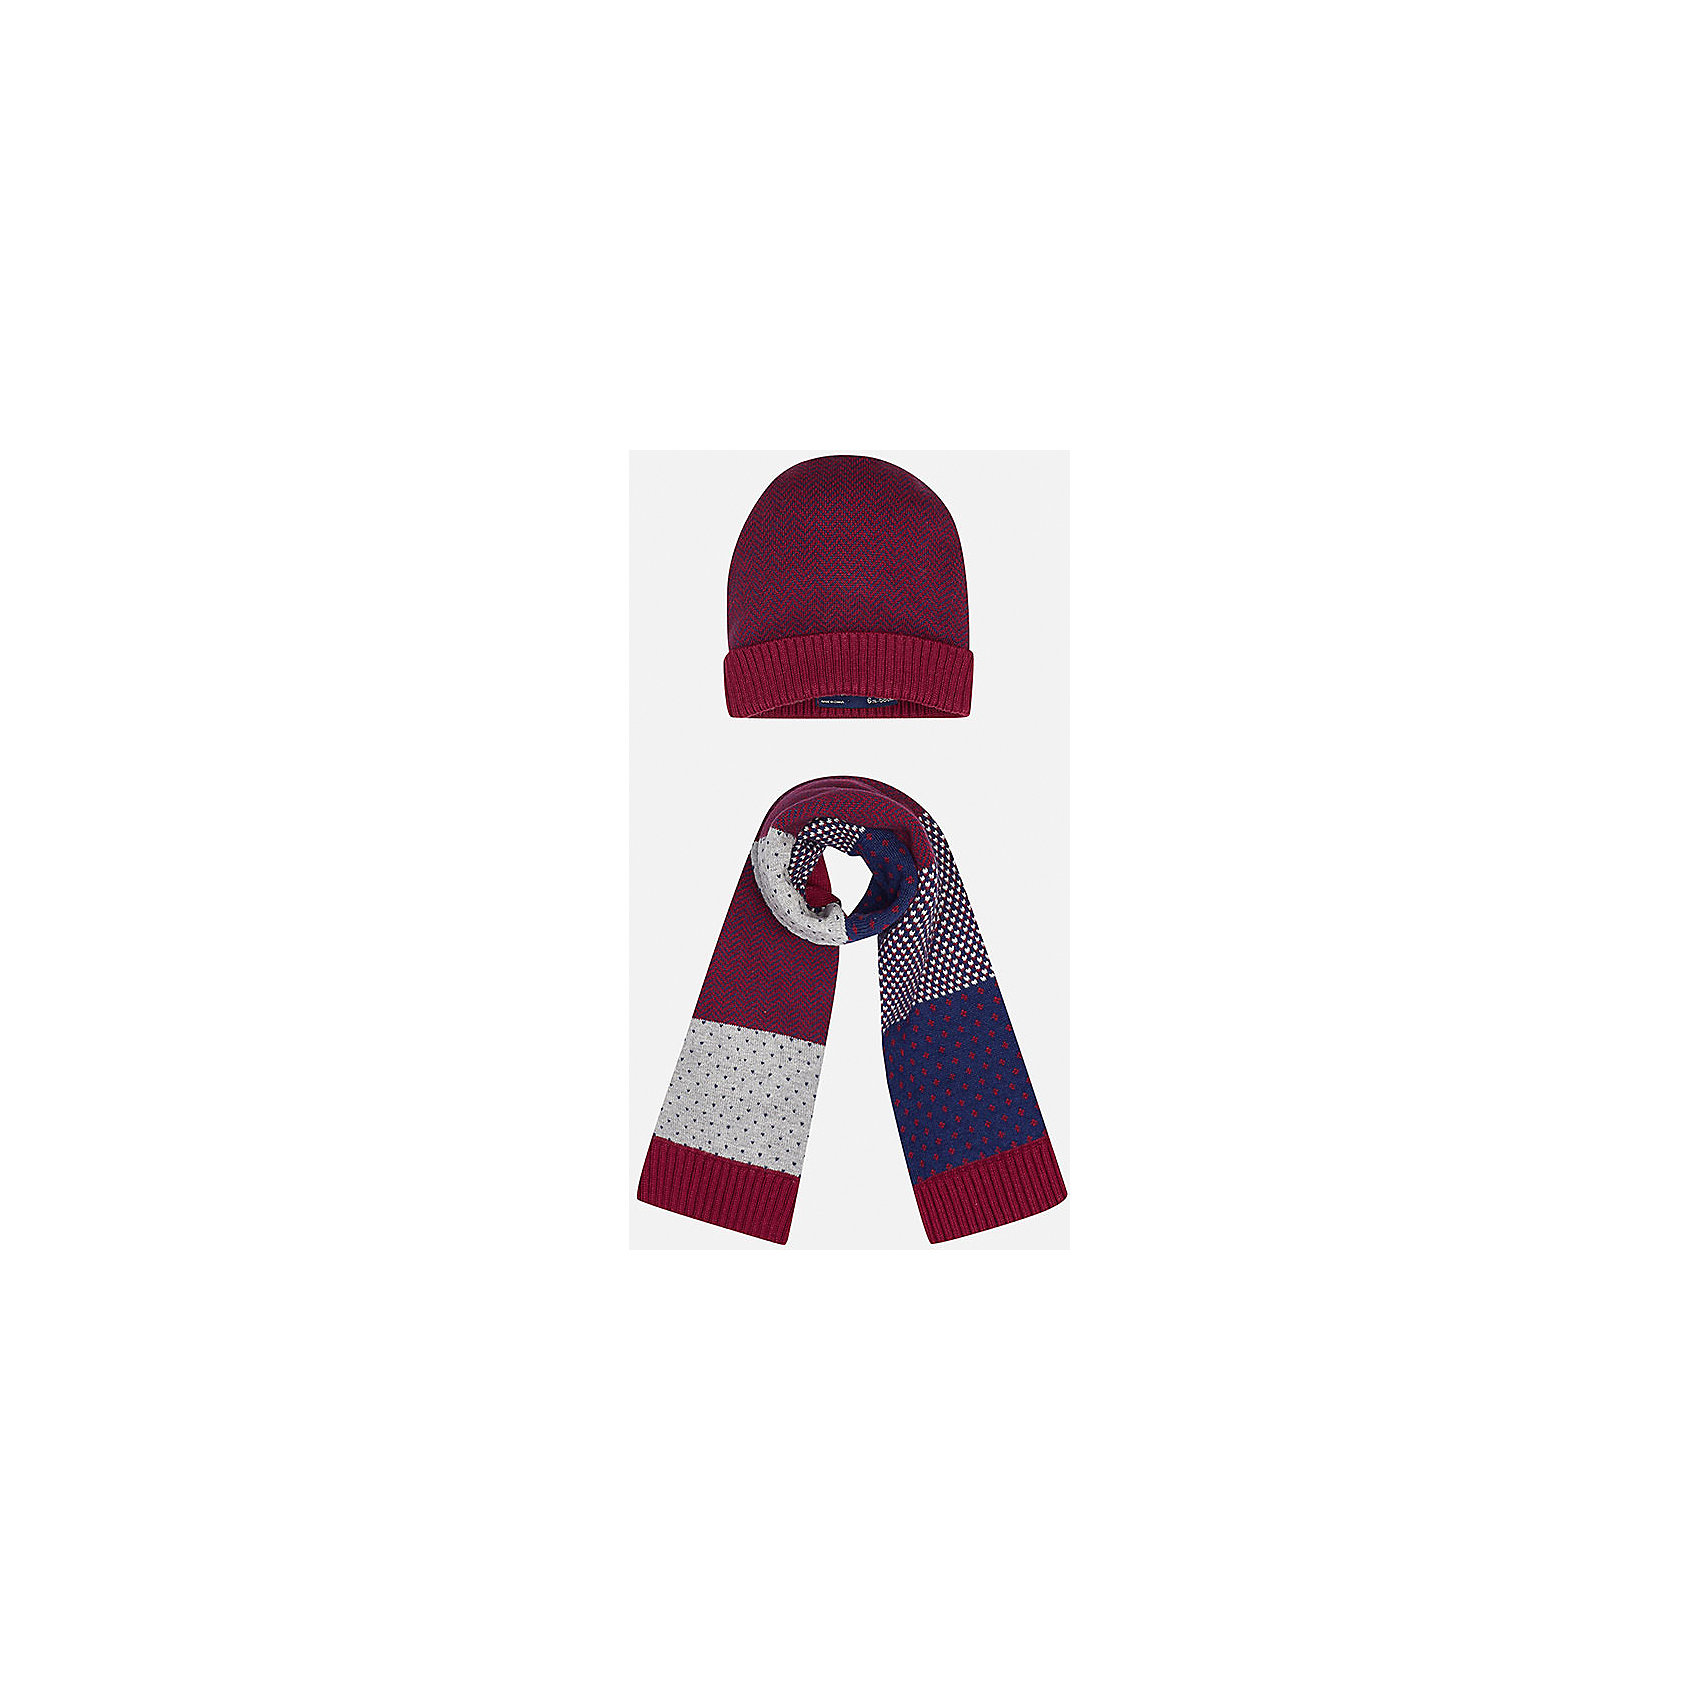 Комплект: шапка-шарф для мальчика MayoralКомплект из шапки и шарфа для мальчика от известного испанского бренда Mayoral. Стильные шарф и шапка выполнены из качественных материалов и украшены оригинальным узором. Прекрасно подойдут юному джентльмену.<br>Дополнительная информация:<br>-цвет шапки: красный с синим; цвет шарфа: красный  с различными узорами серого и синего цвета<br>-состав: 60% хлопок, 30% полиамид, 10% шерсть<br>Комплект из шапки и шарфа Mayoral можно приобрести в нашем интернет-магазине<br><br>Ширина мм: 89<br>Глубина мм: 117<br>Высота мм: 44<br>Вес г: 155<br>Цвет: бордовый<br>Возраст от месяцев: 12<br>Возраст до месяцев: 18<br>Пол: Мужской<br>Возраст: Детский<br>Размер: 48<br>SKU: 4820052